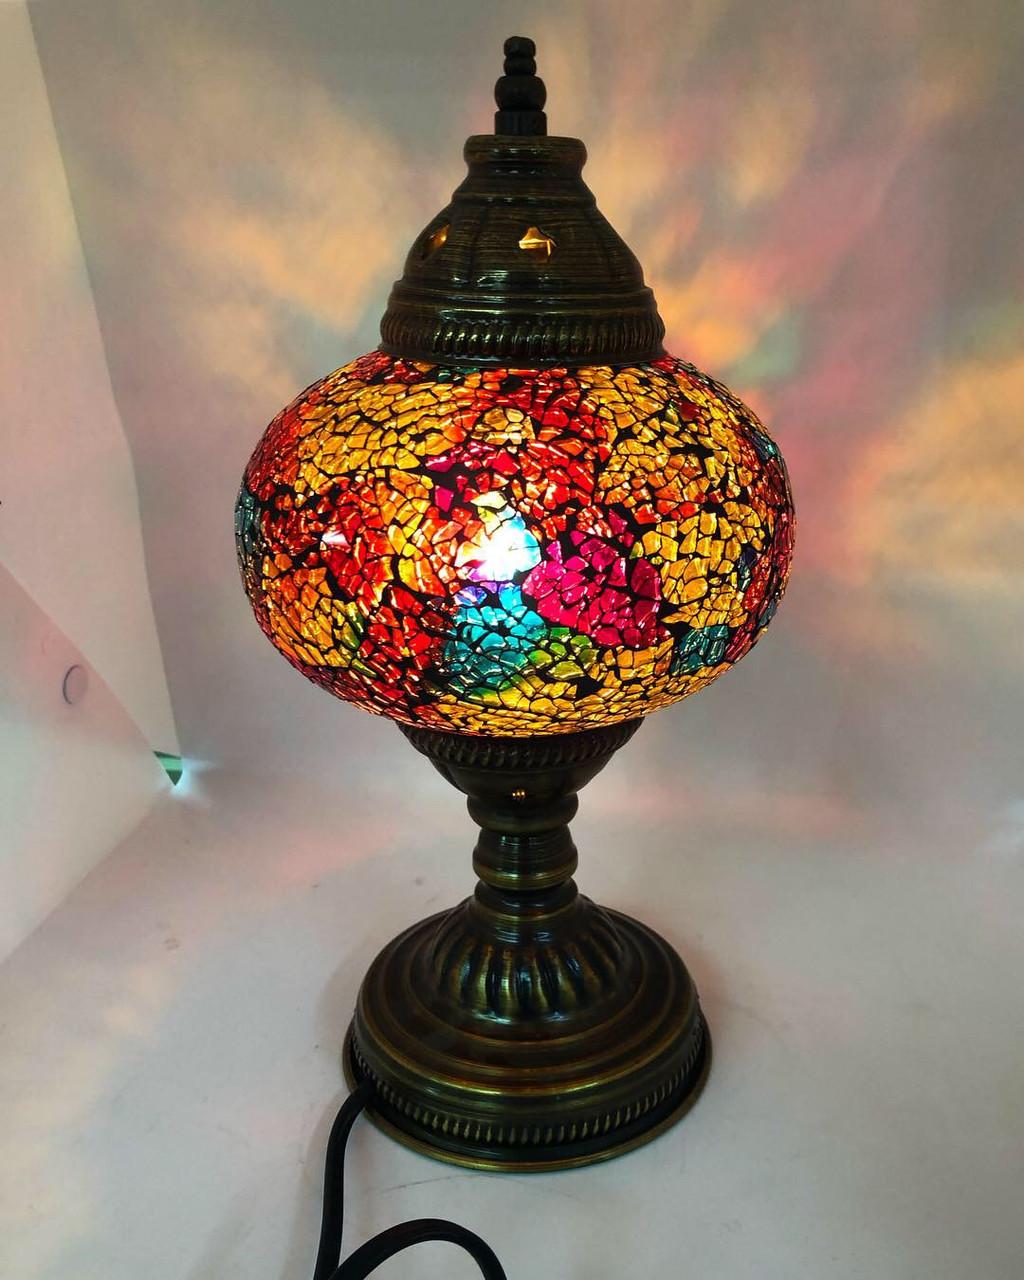 Настольный турецкий светильник Sinan из мозаики ручной работы разноцветный 2